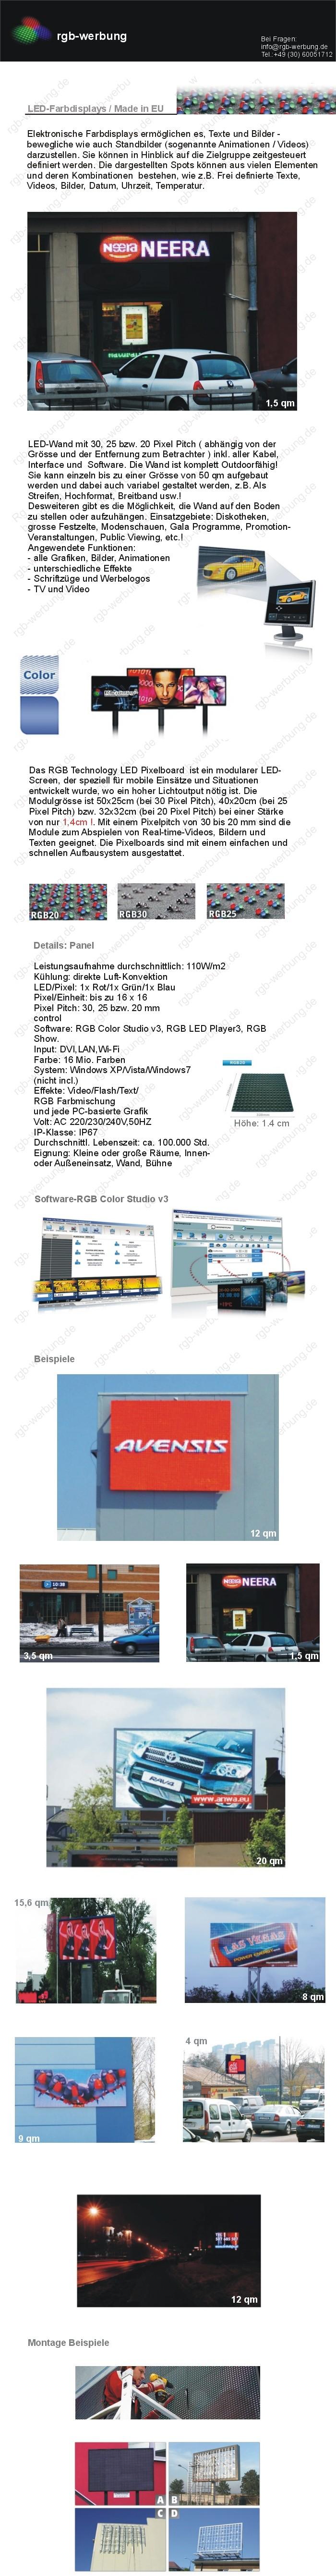 RGB30-1-5